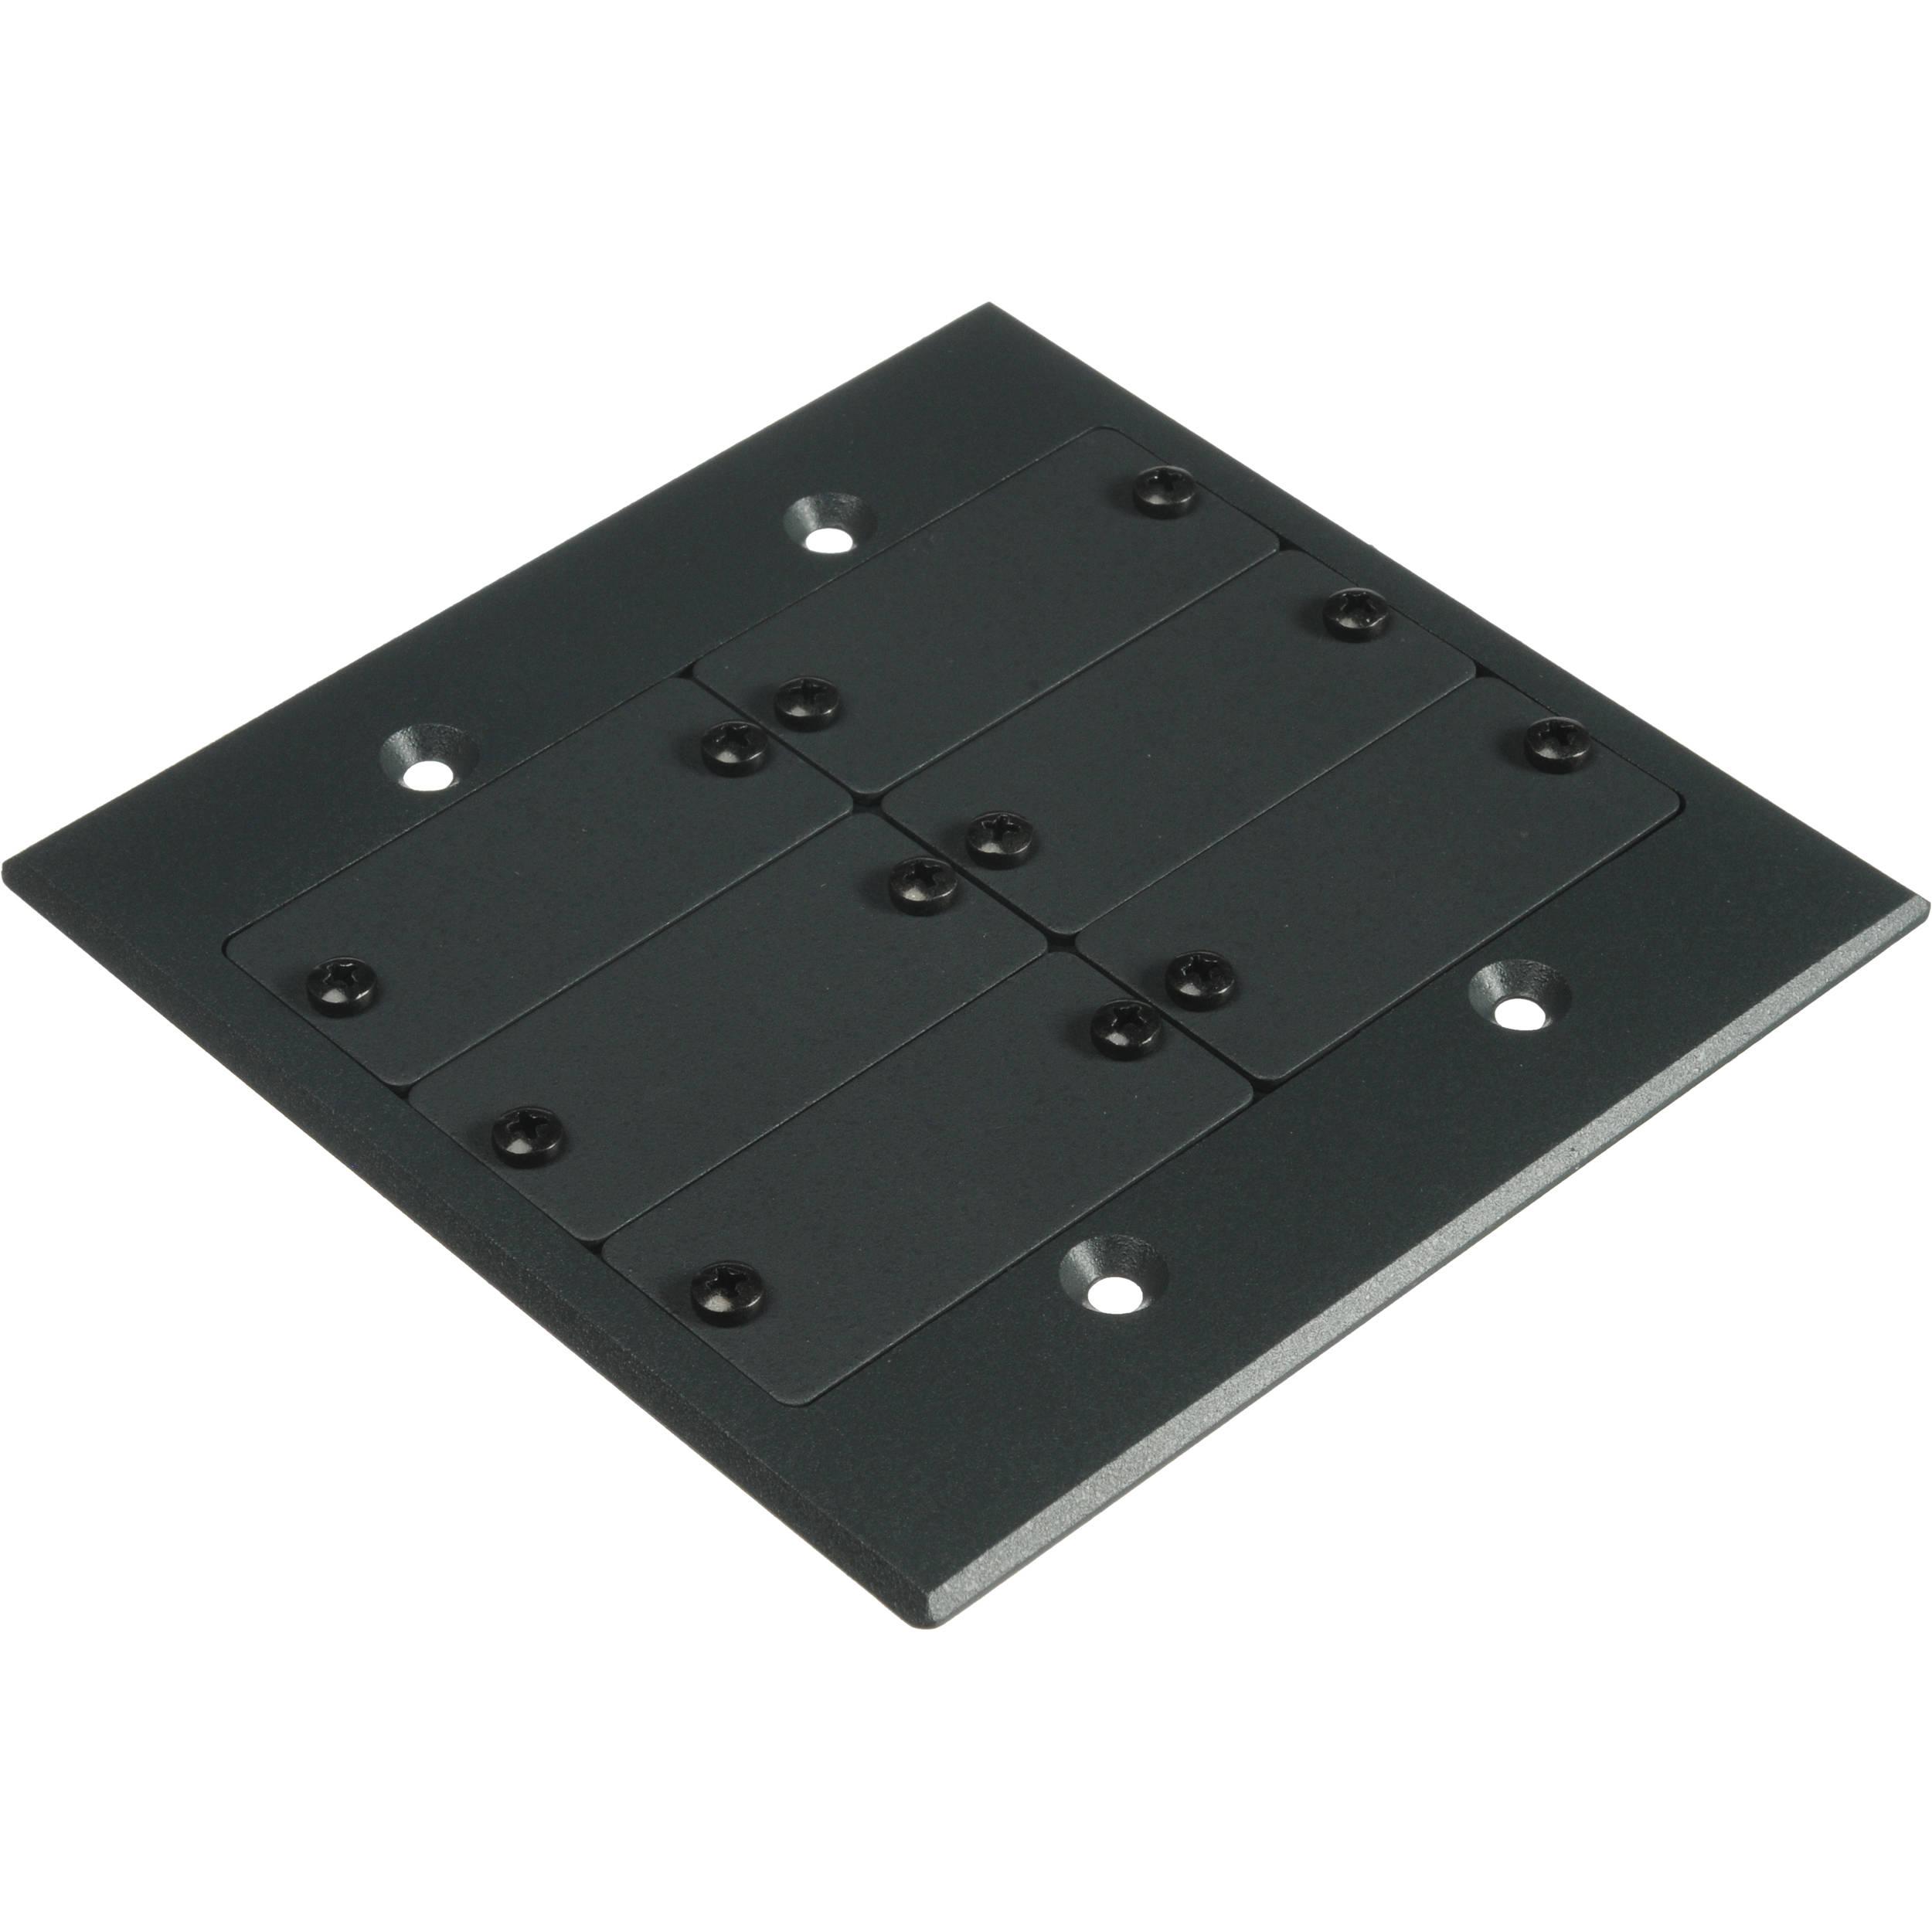 Kramer Two-Gang Frame for Wall Plate Inserts (Black) FRAME-2G(B)